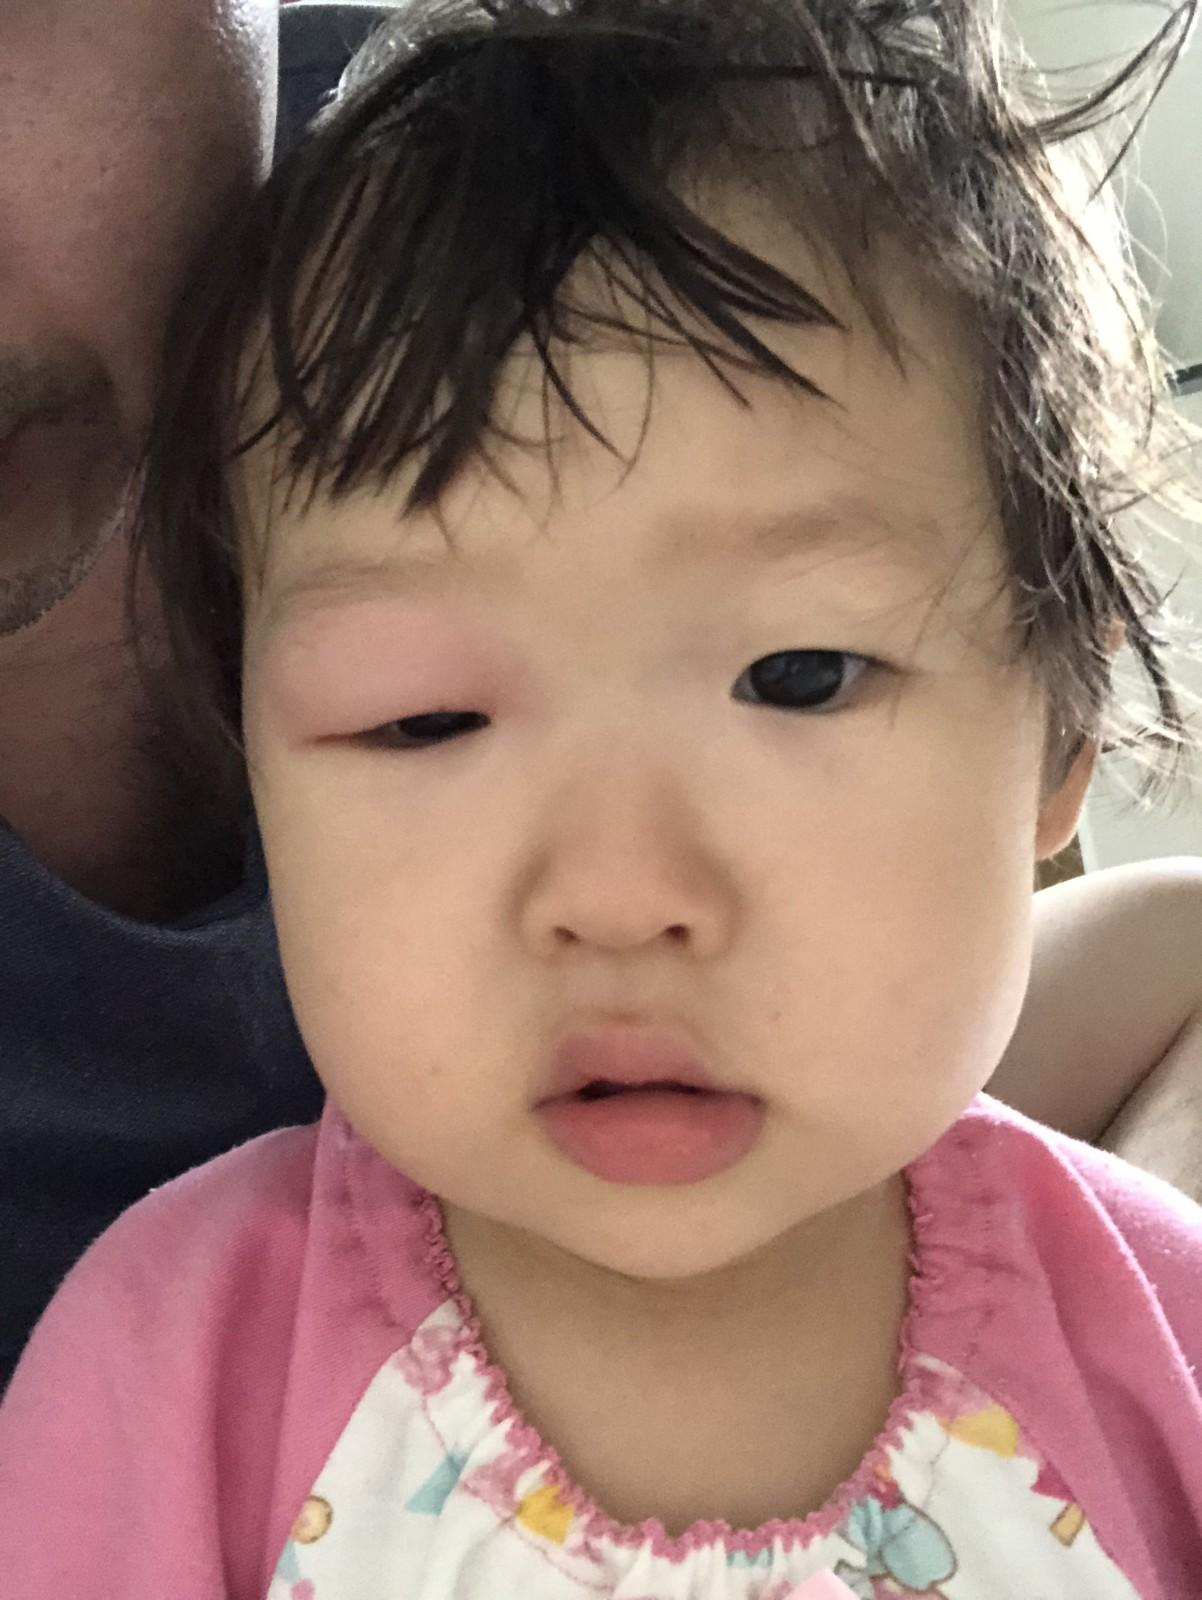 image-ねねちゃんの目が腫れまくった | パパ部